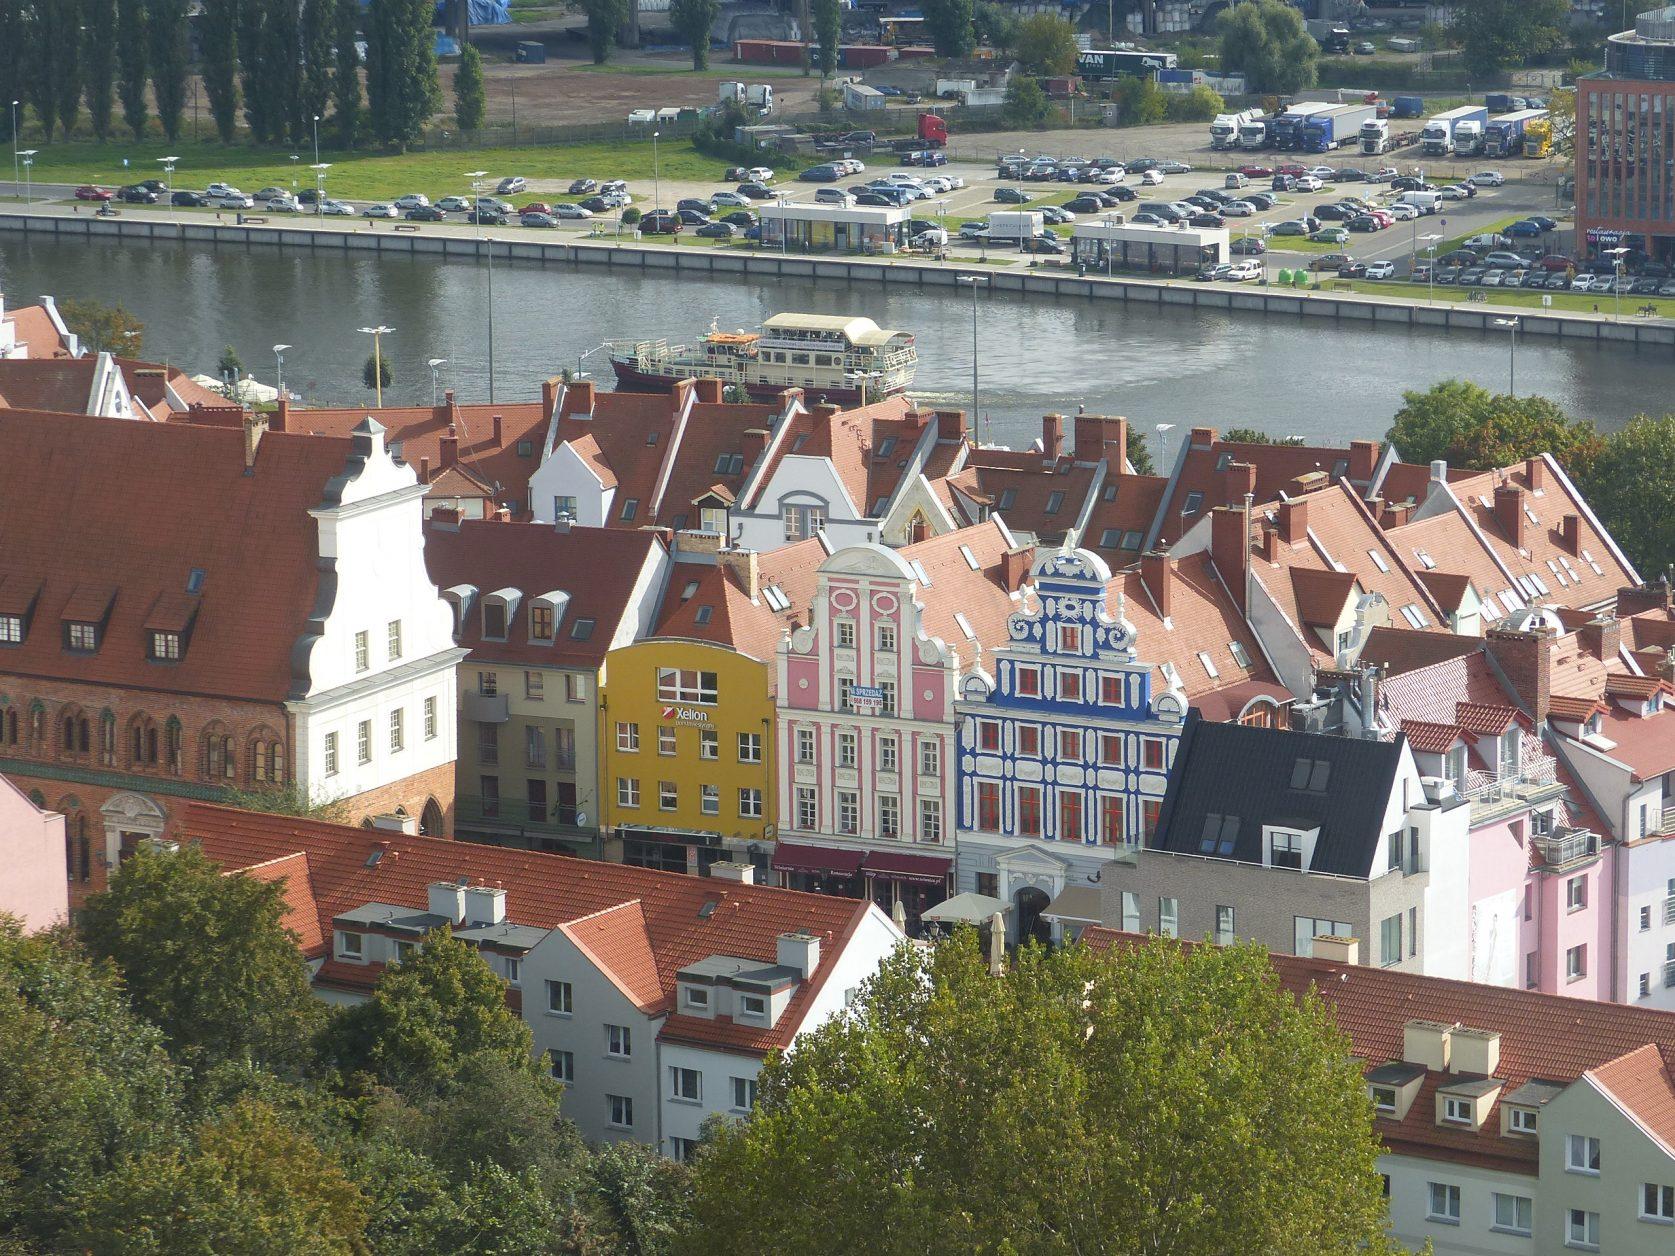 Blick auf die Altstadt von Stettin Foto: Weirauch